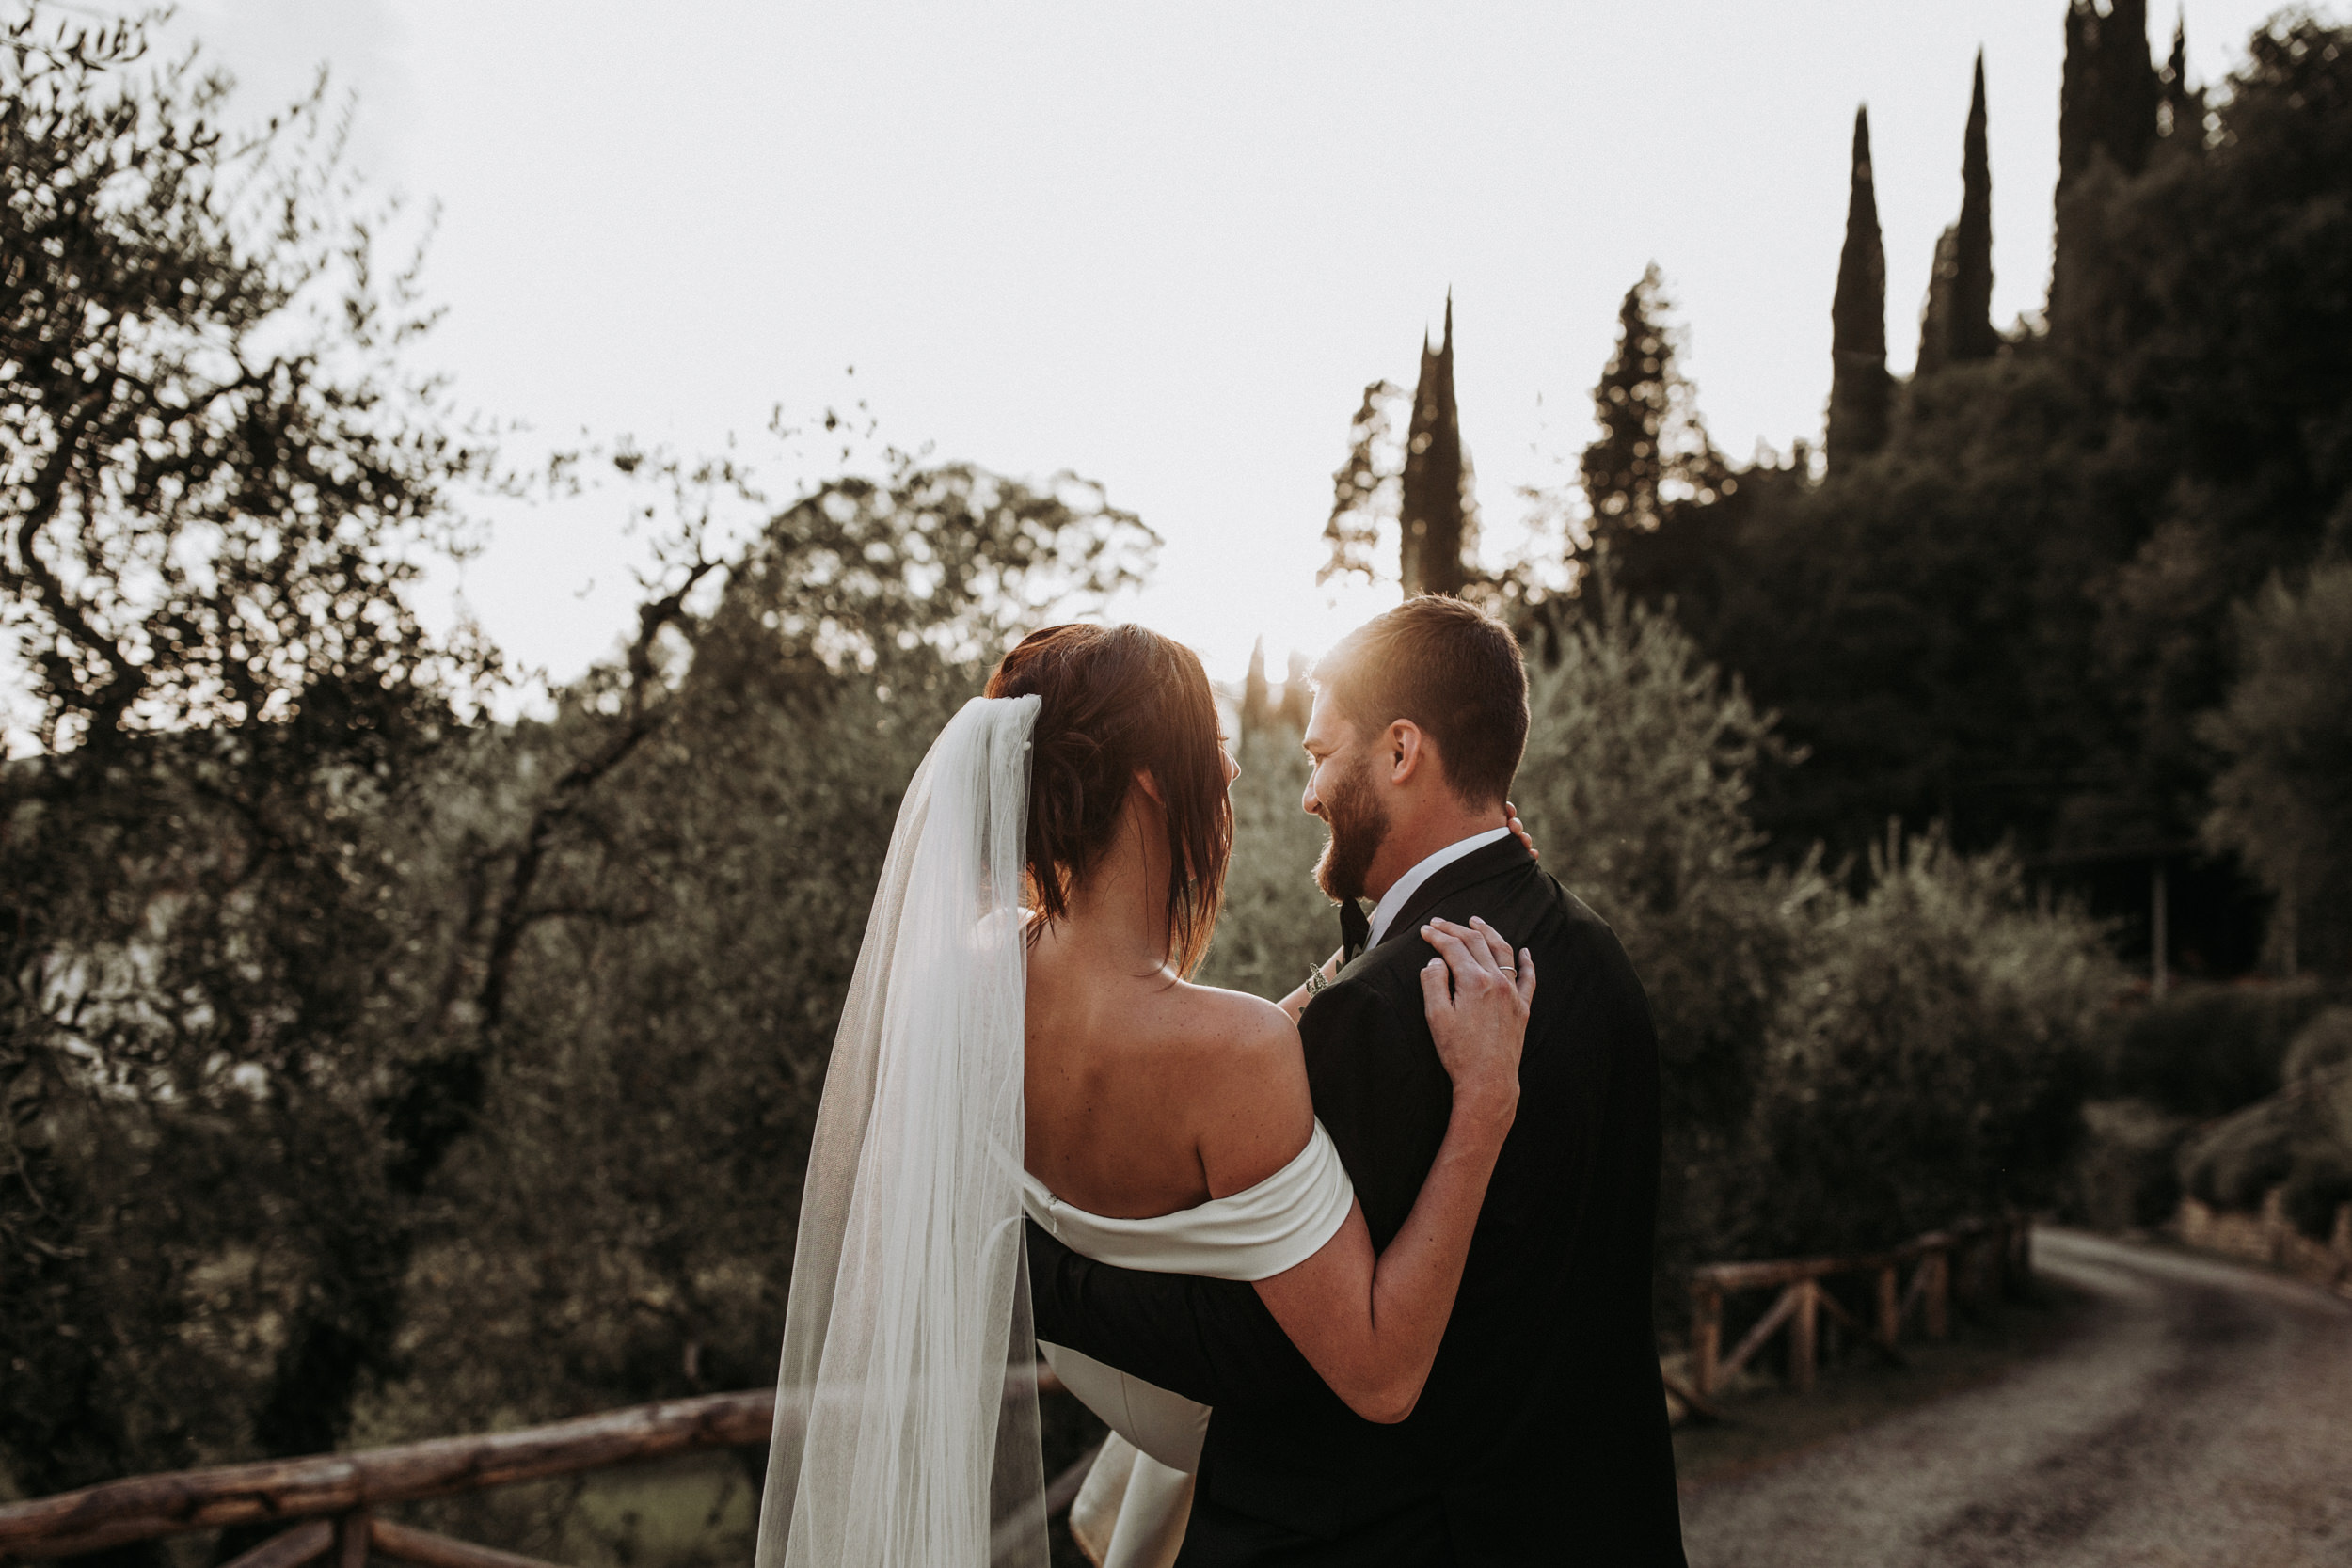 dm_photography_KW_Tuscanyweddingday_367